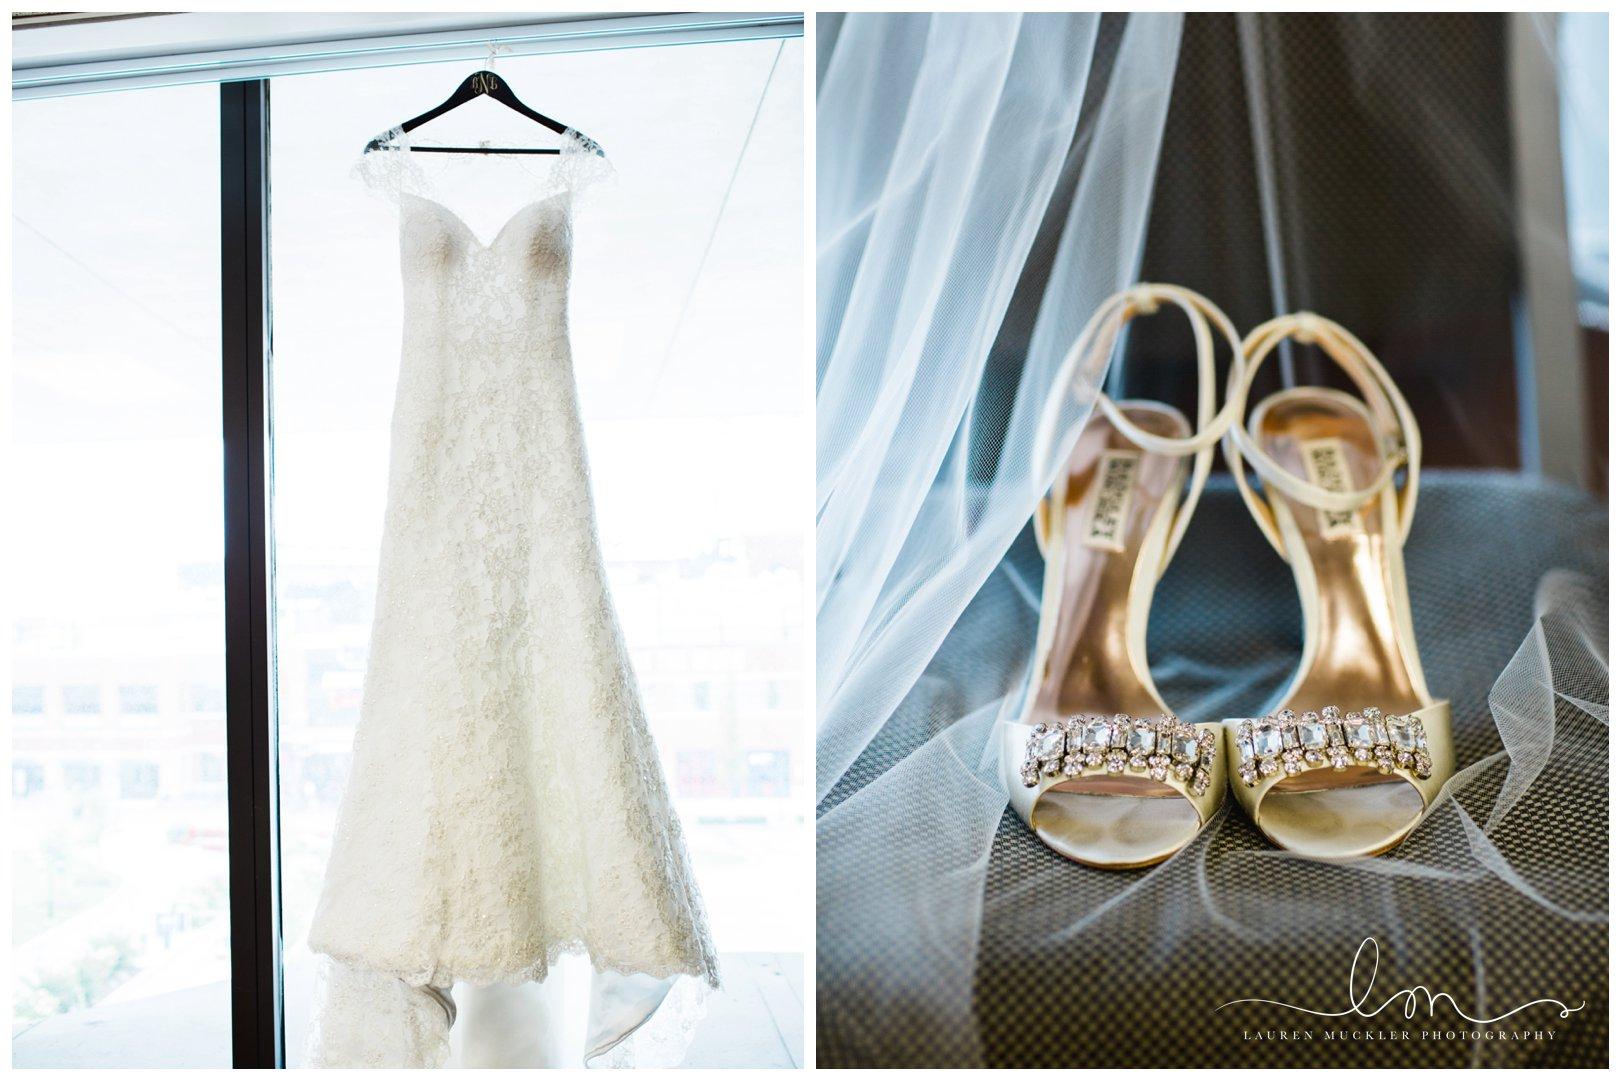 lauren muckler photography_fine art film wedding photography_st louis_photography_0804.jpg